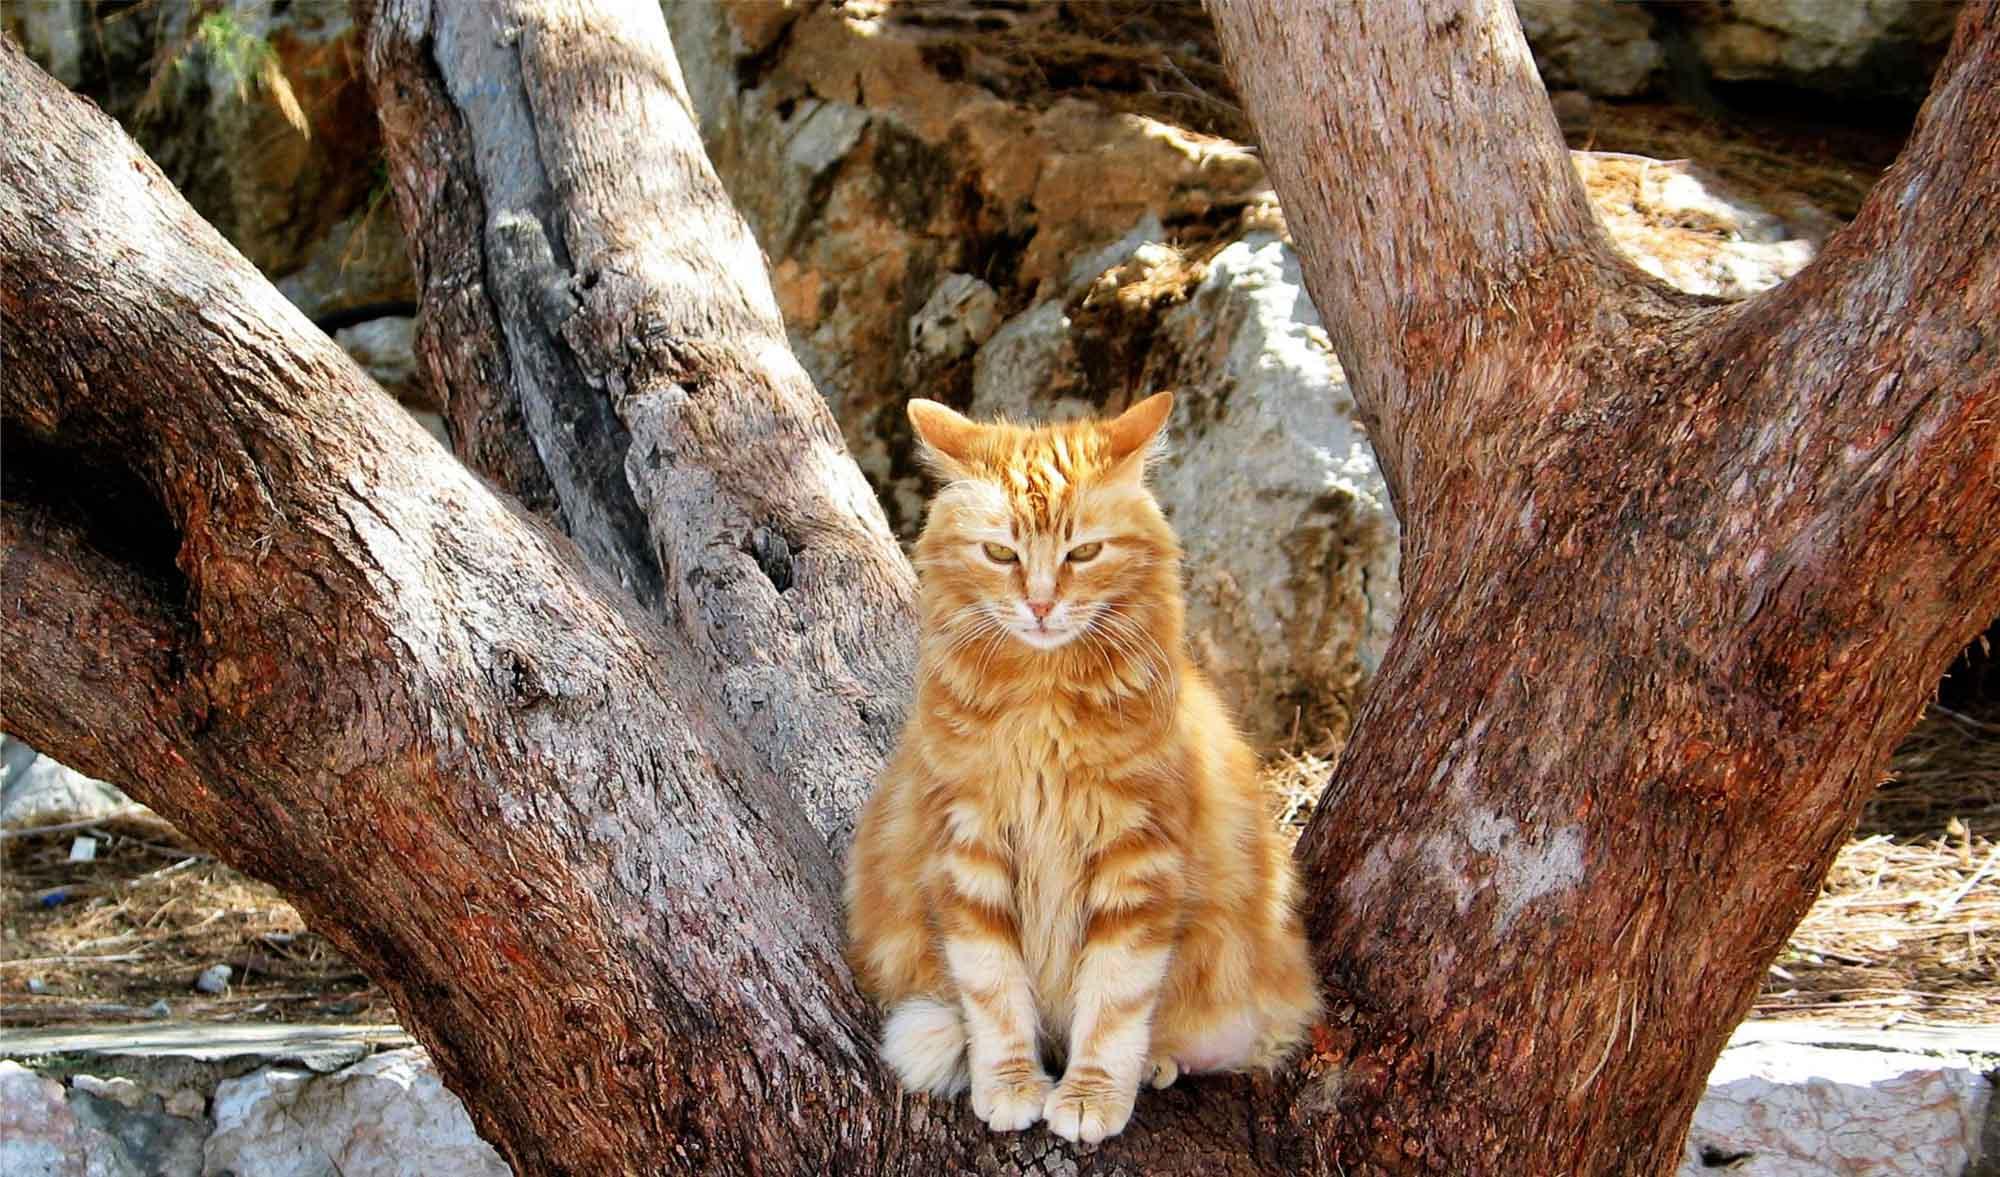 RØD KATT For noen år siden skulle jeg haste ombord på en ferge fra den vesle øya Ydra til Athen. Nede ved havna oppdaget jeg denne sure katte som satt i et oliventre. Den forandret ikke uttrykk eller stilling, selv om jeg bråstoppet og tok tre bilder av den.